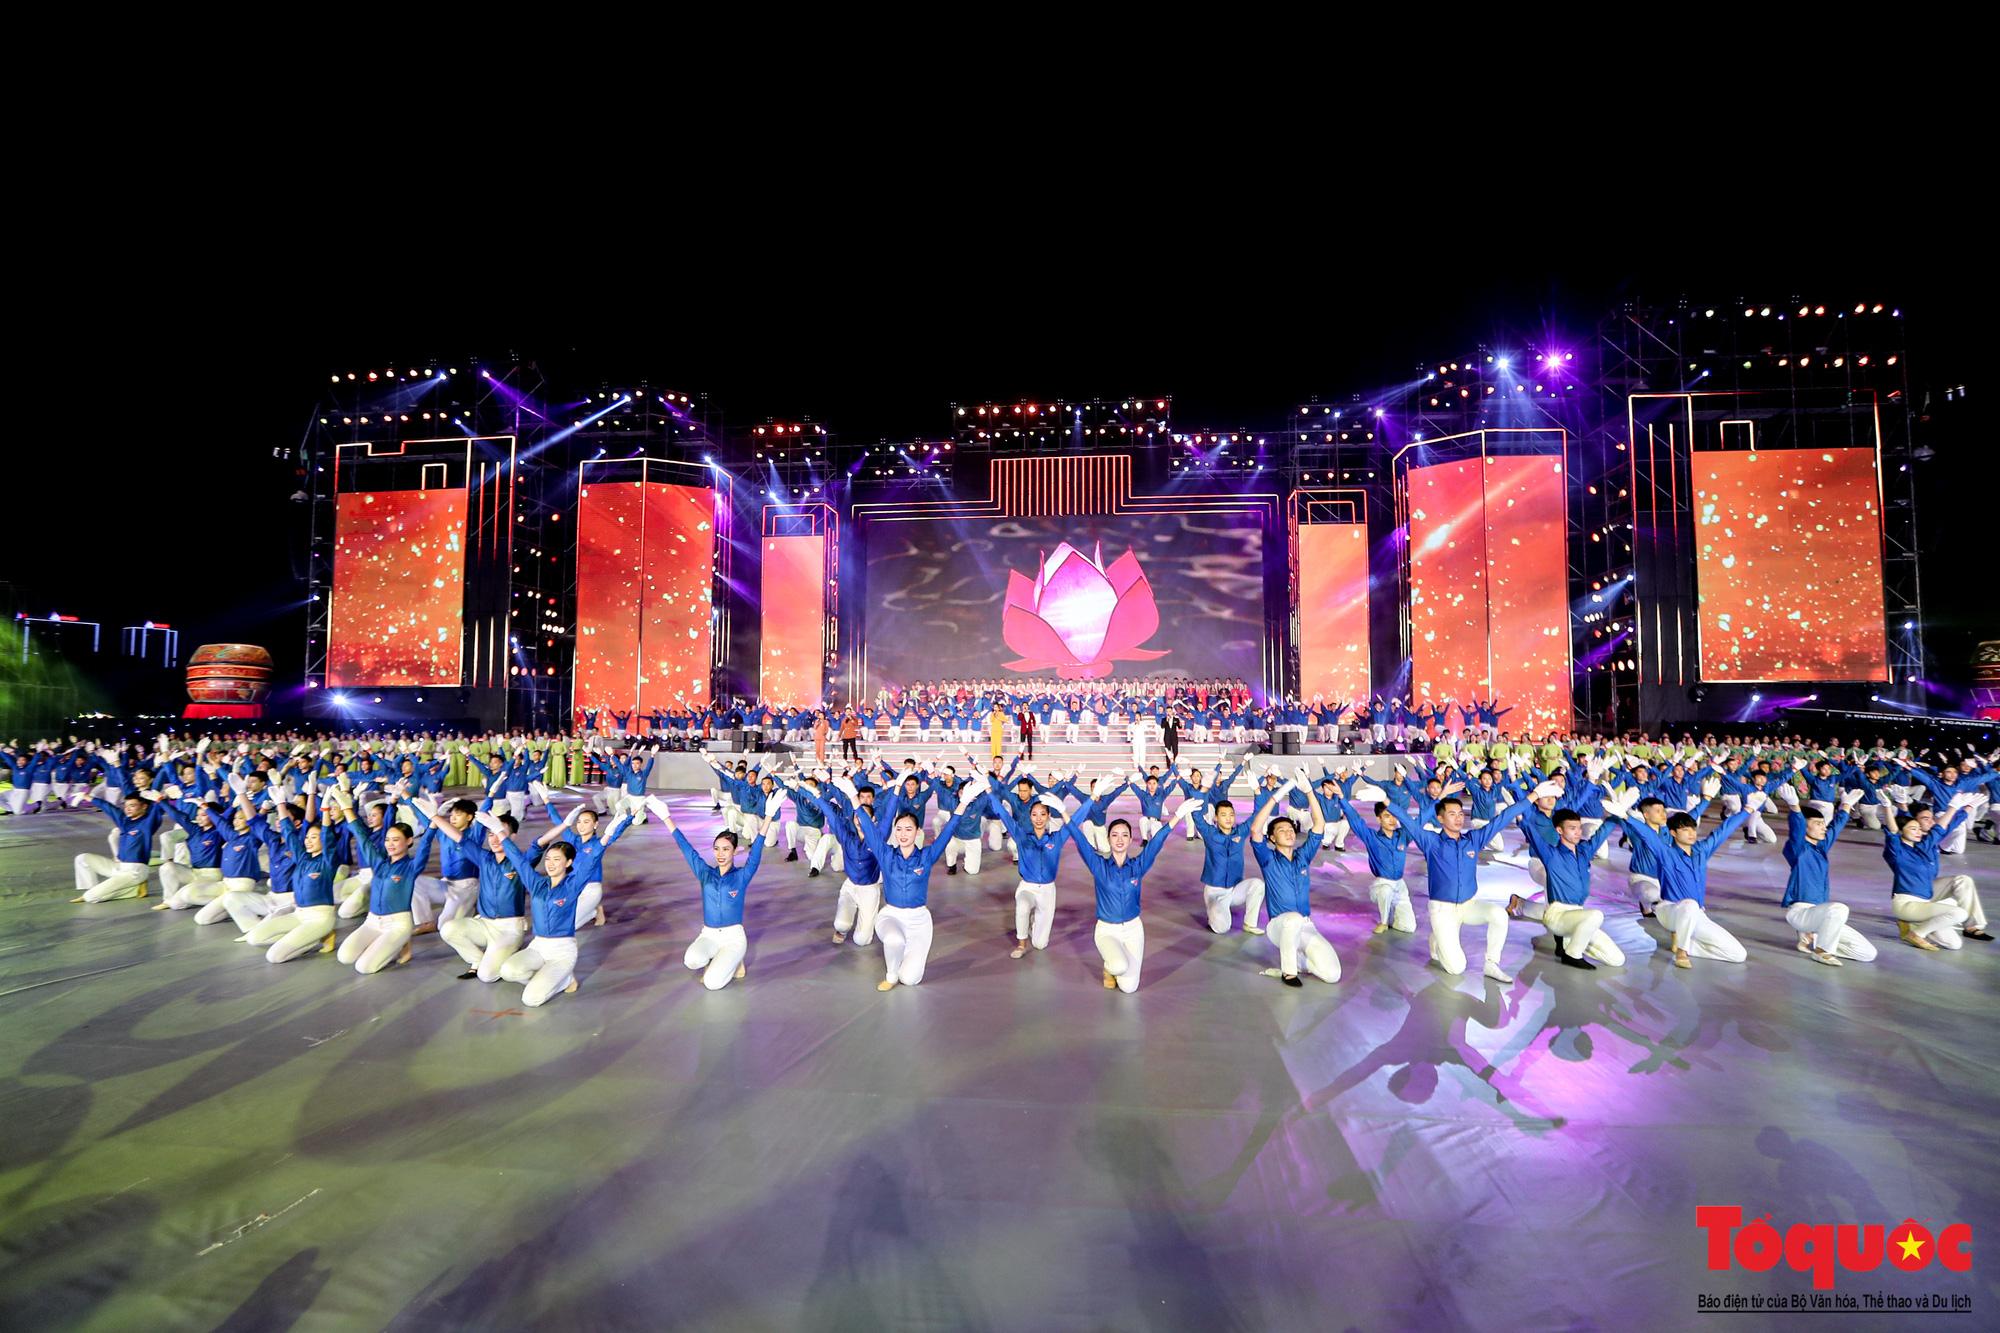 [Ảnh] Hoành tráng chương trình nghệ thuật 'Khát vọng - Tỏa sáng' chào mừng thành công Đại hội XIII của Đảng - Ảnh 10.